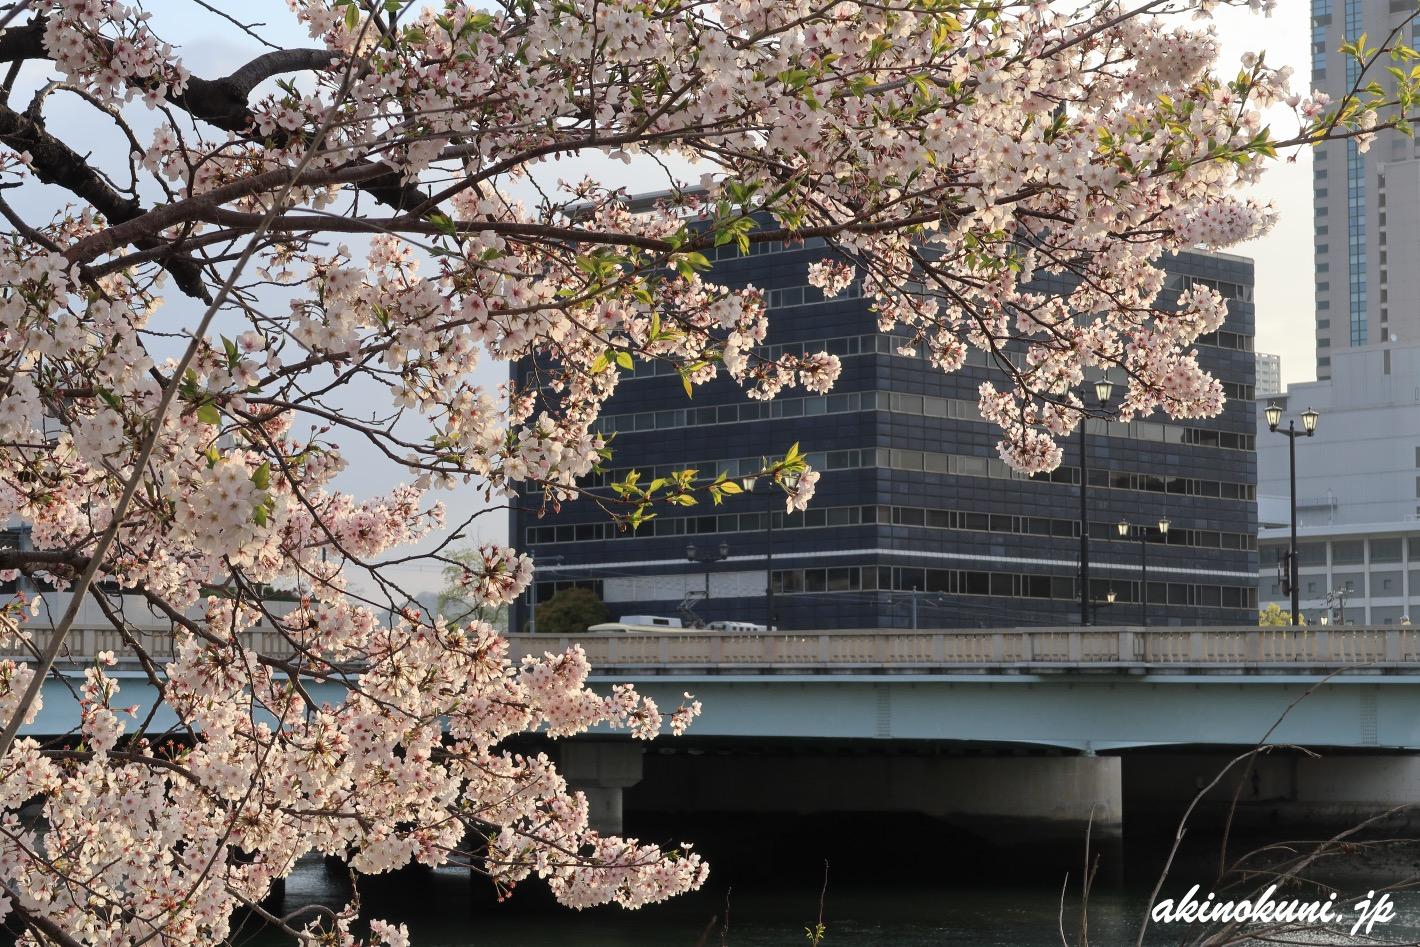 本川の桜と広電電車 2021年